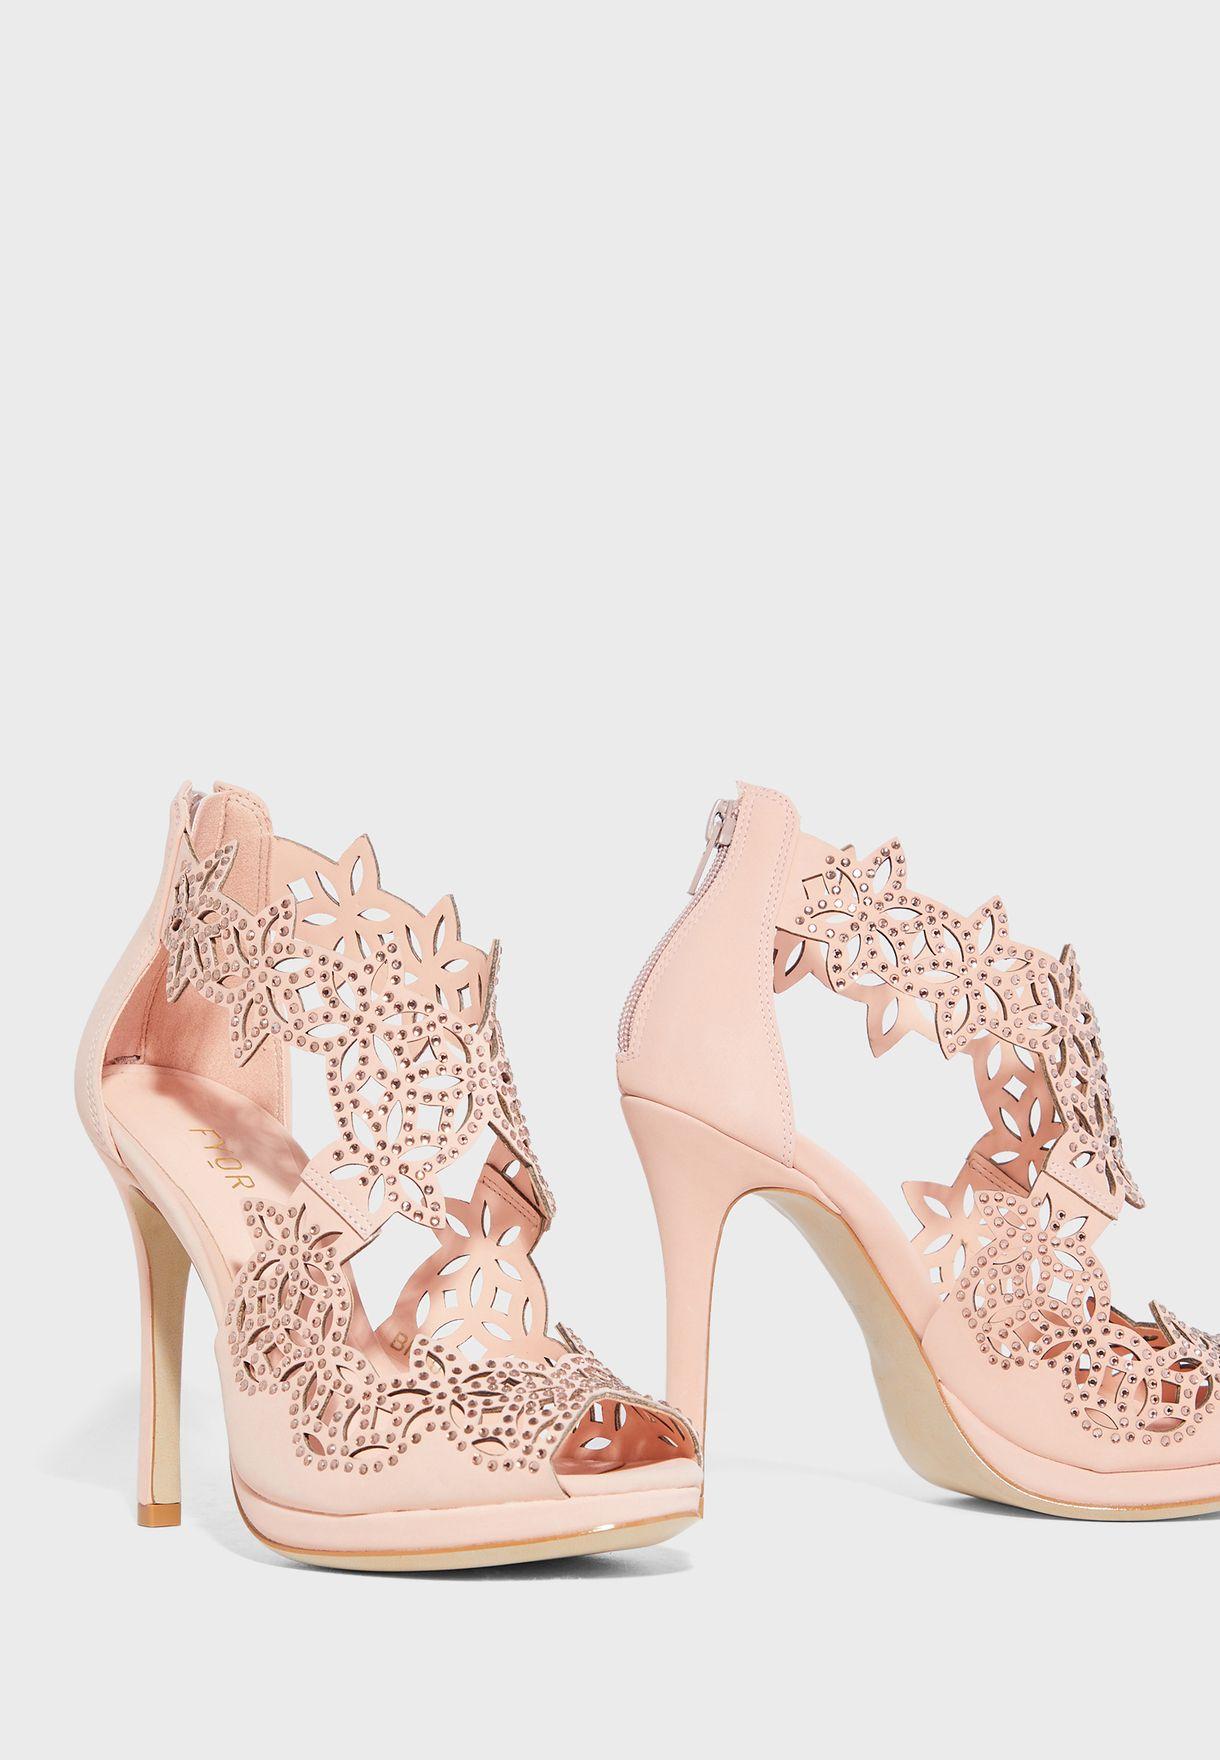 peach pink heels